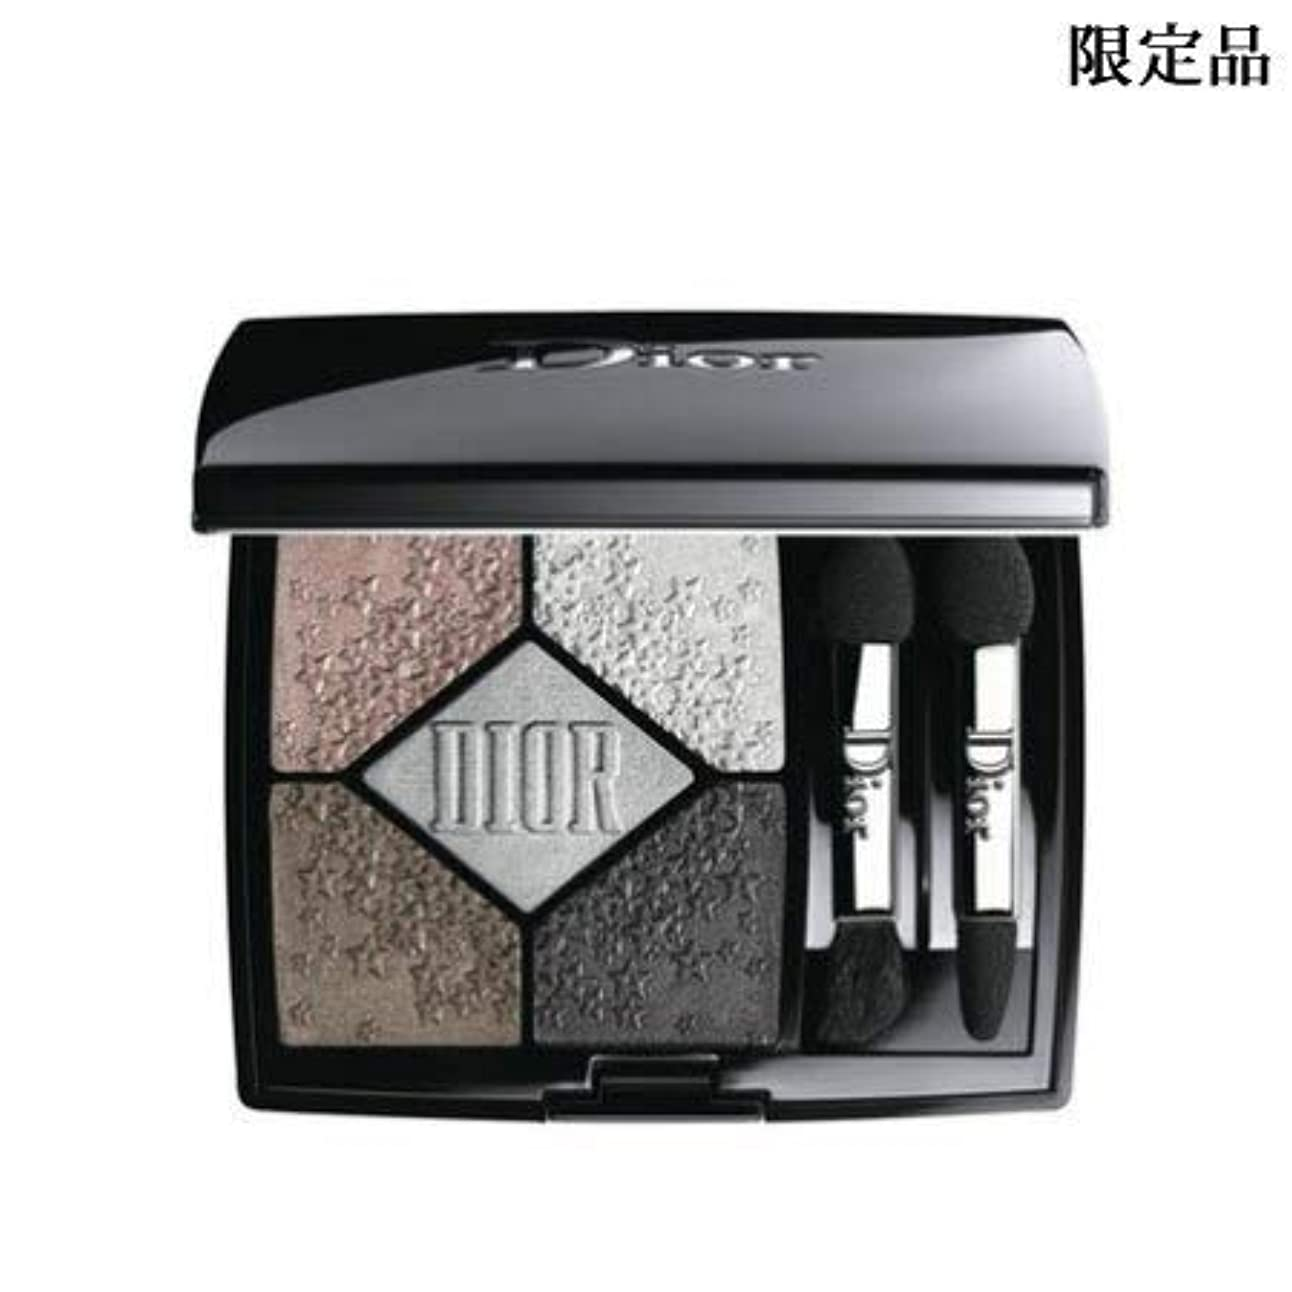 バタフライブランクコントローラディオール サンク クルール #057 ムーンライト 限定色 -Dior-